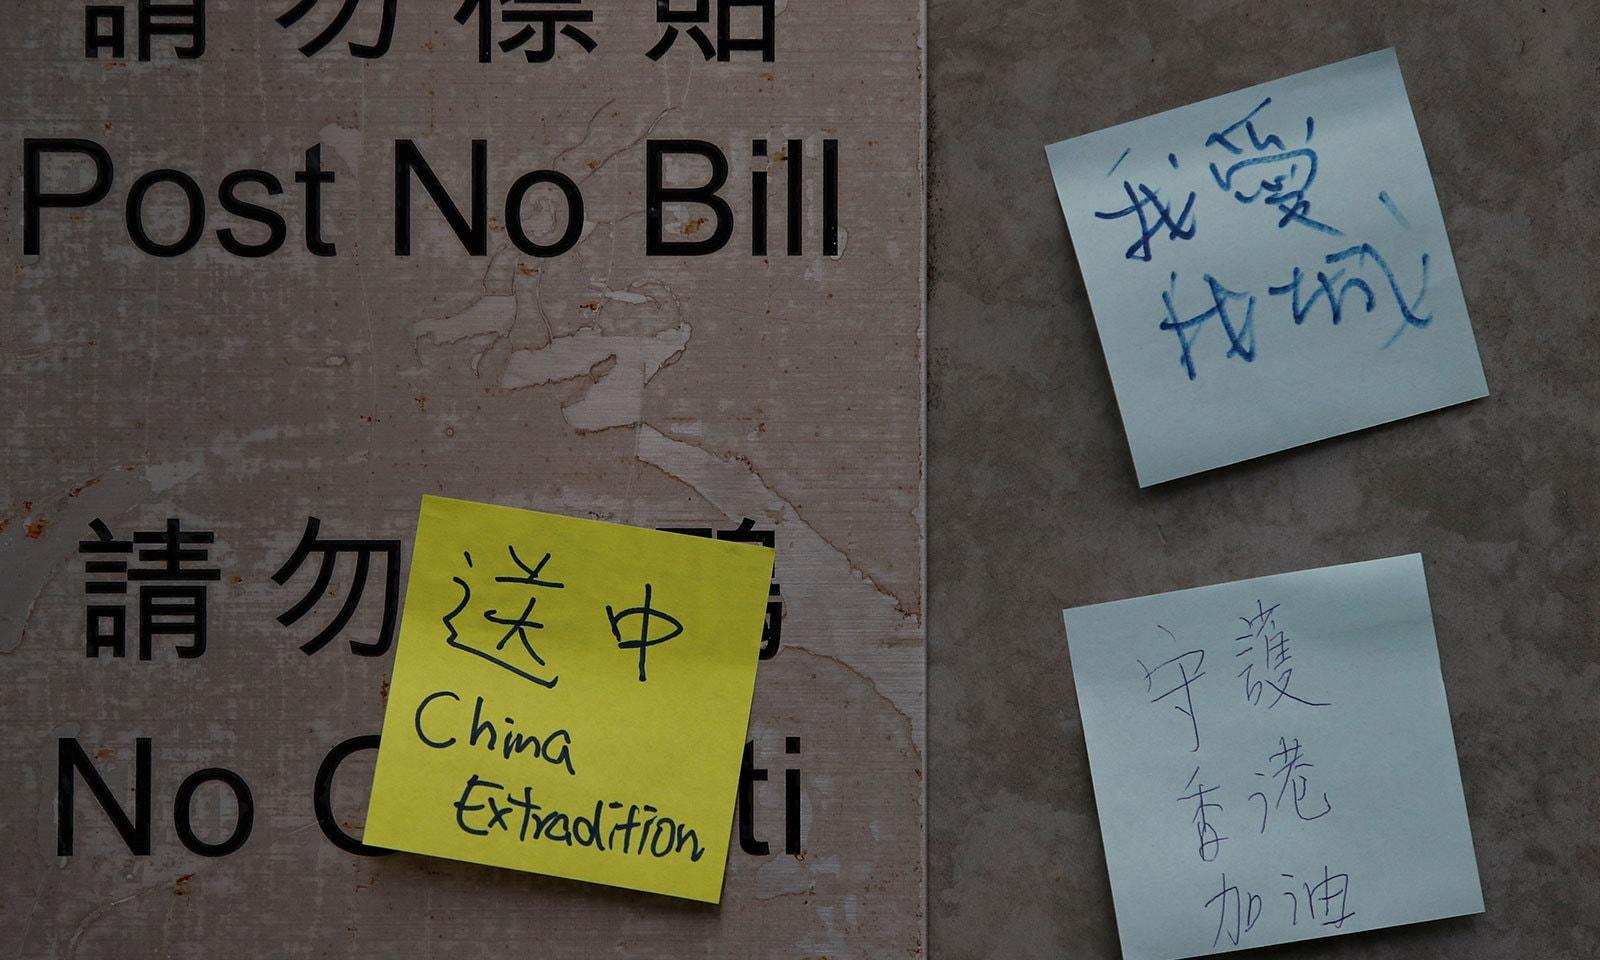 قانون کی مخالفت کرنے والے افراد کا کہنا ہے کہ یہ بِل چینی حکومت کی جانب سے پیش کیا گیا ہے— فوٹو: رائٹرز